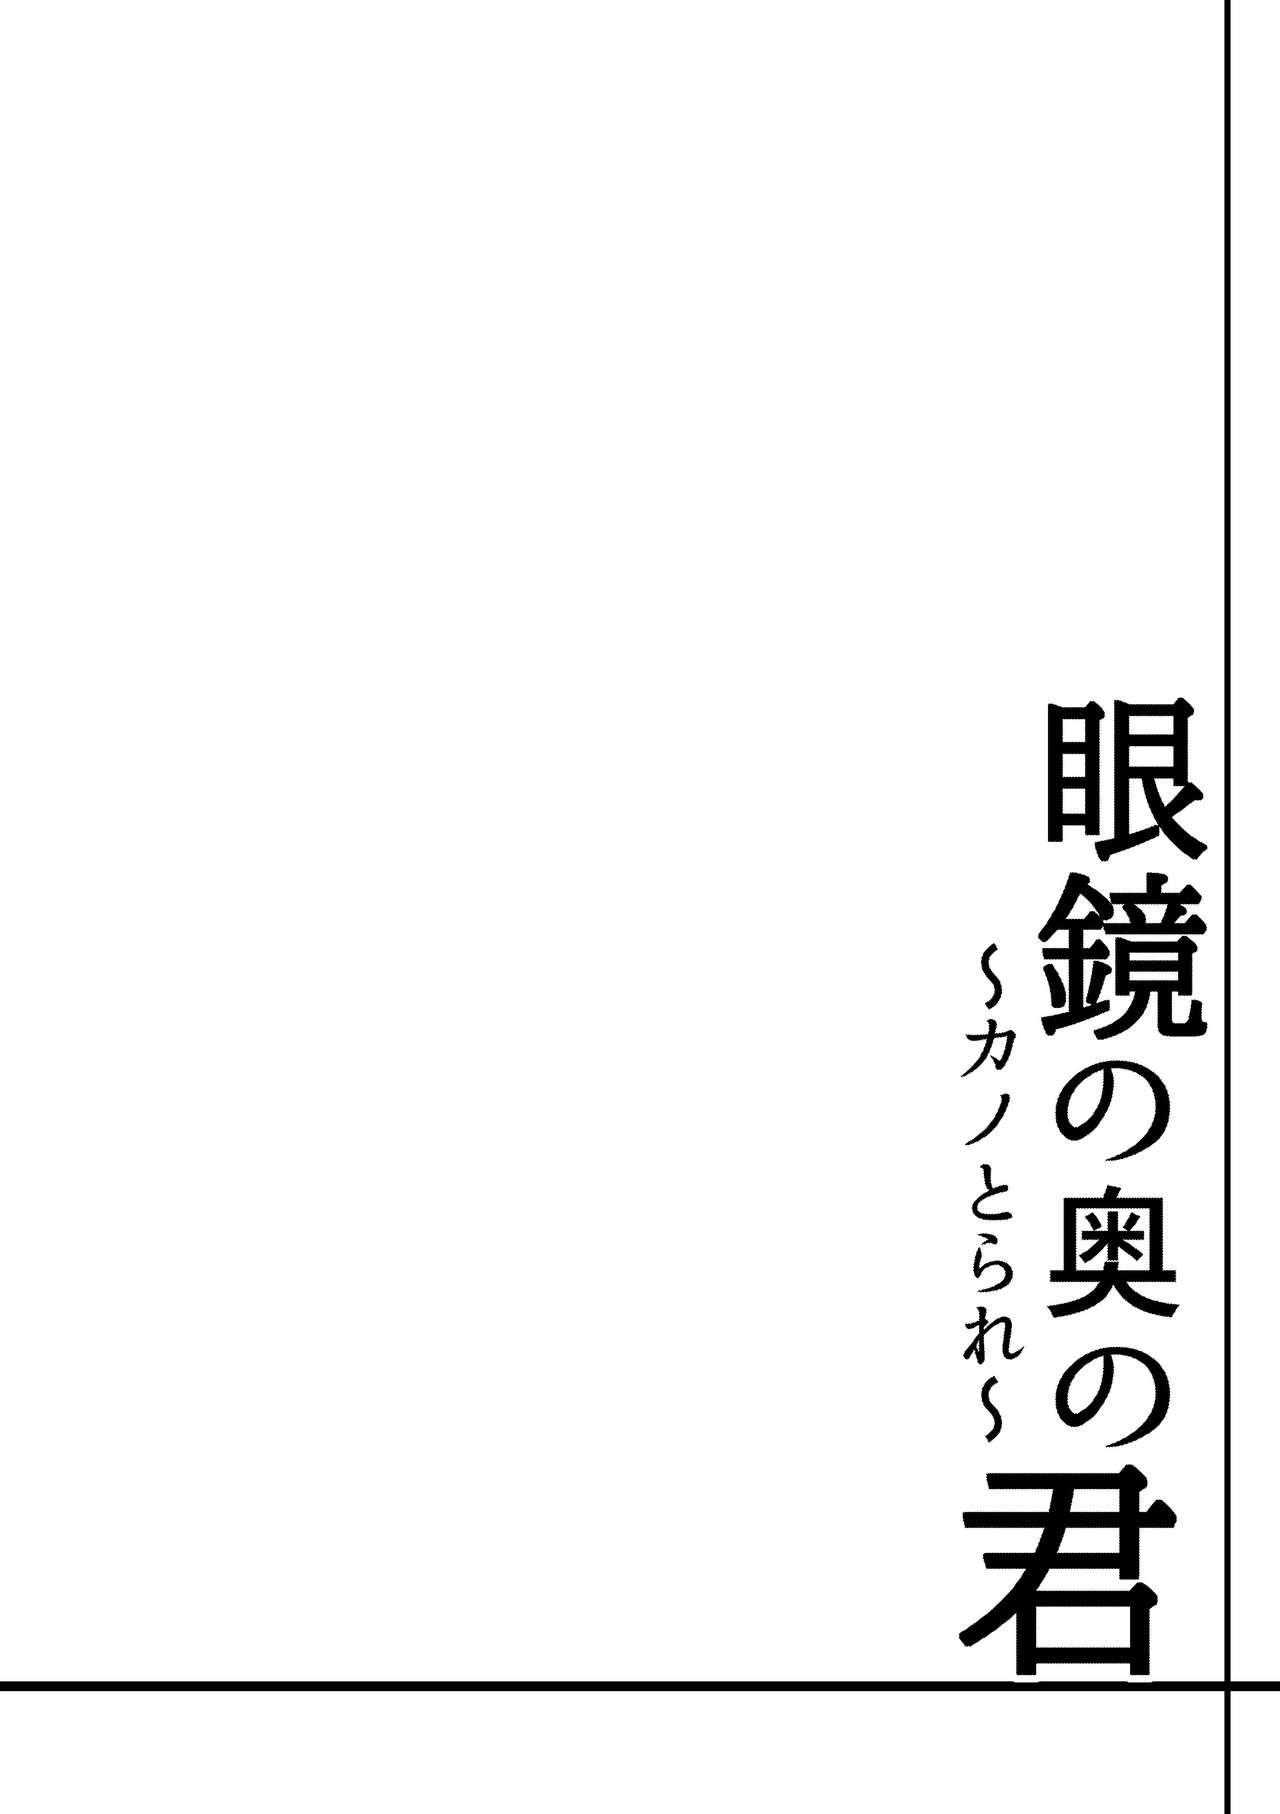 Megane no Oku no Kimi 1